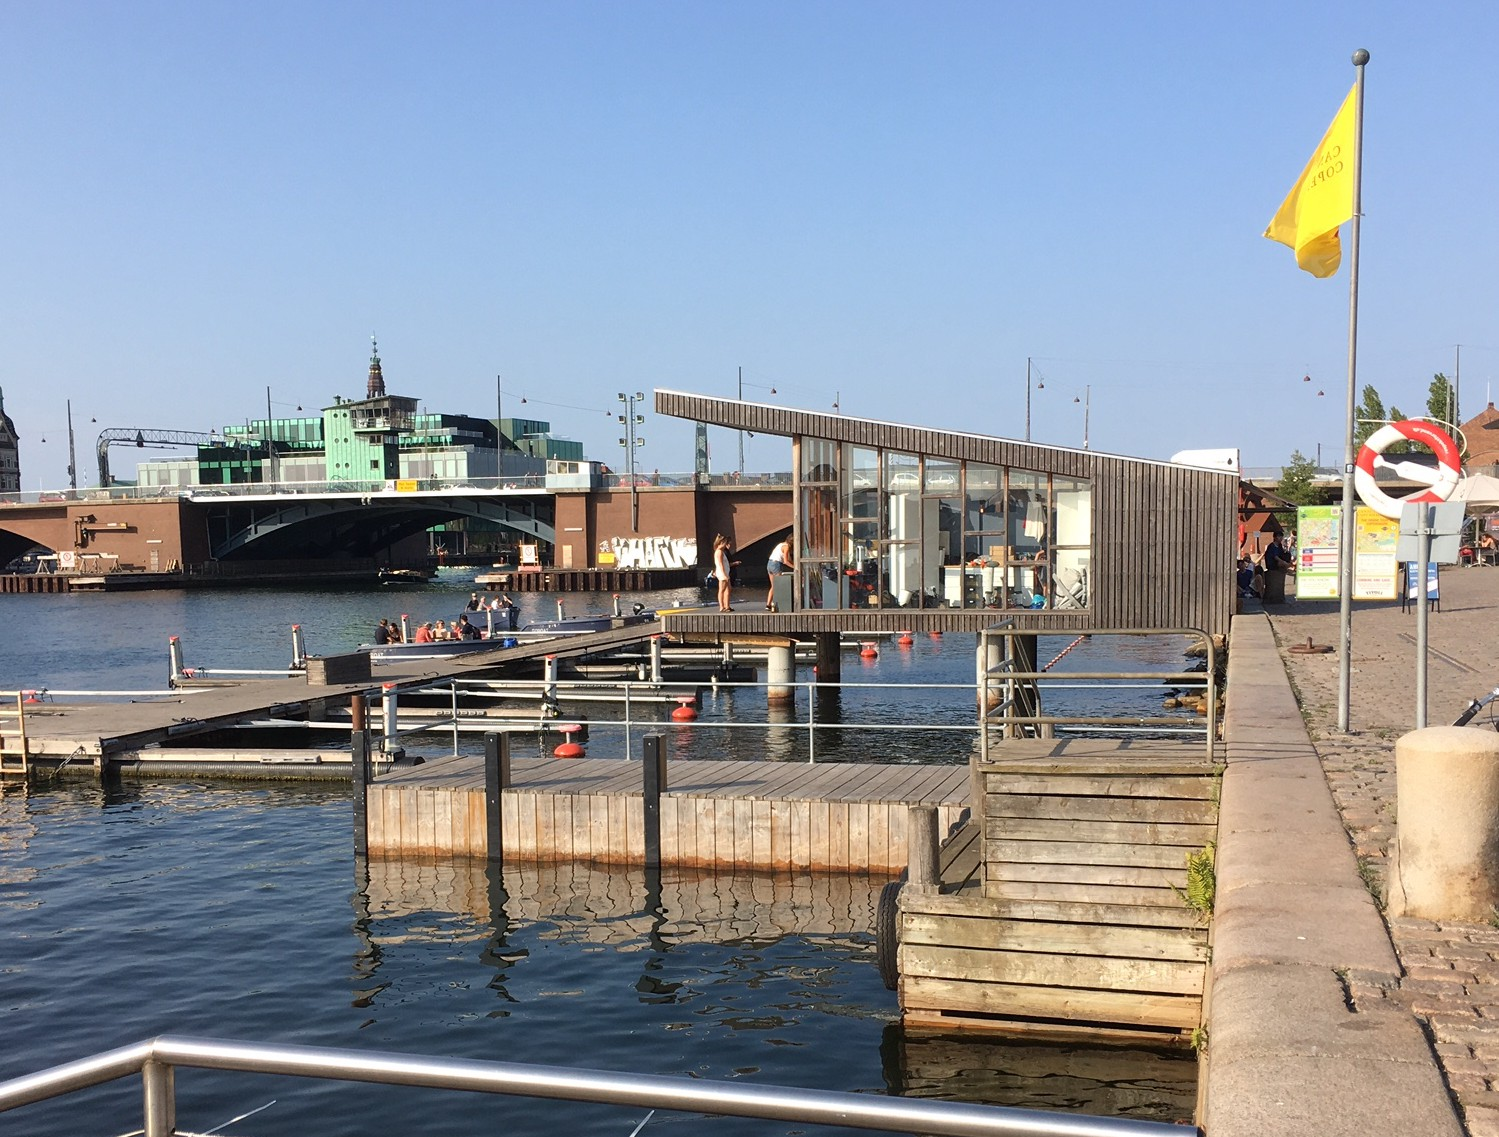 Les quais de Copenhague. Des restaurants, des activités de loisirs maritimes, des piscines en plein air... © Mireille Guignard